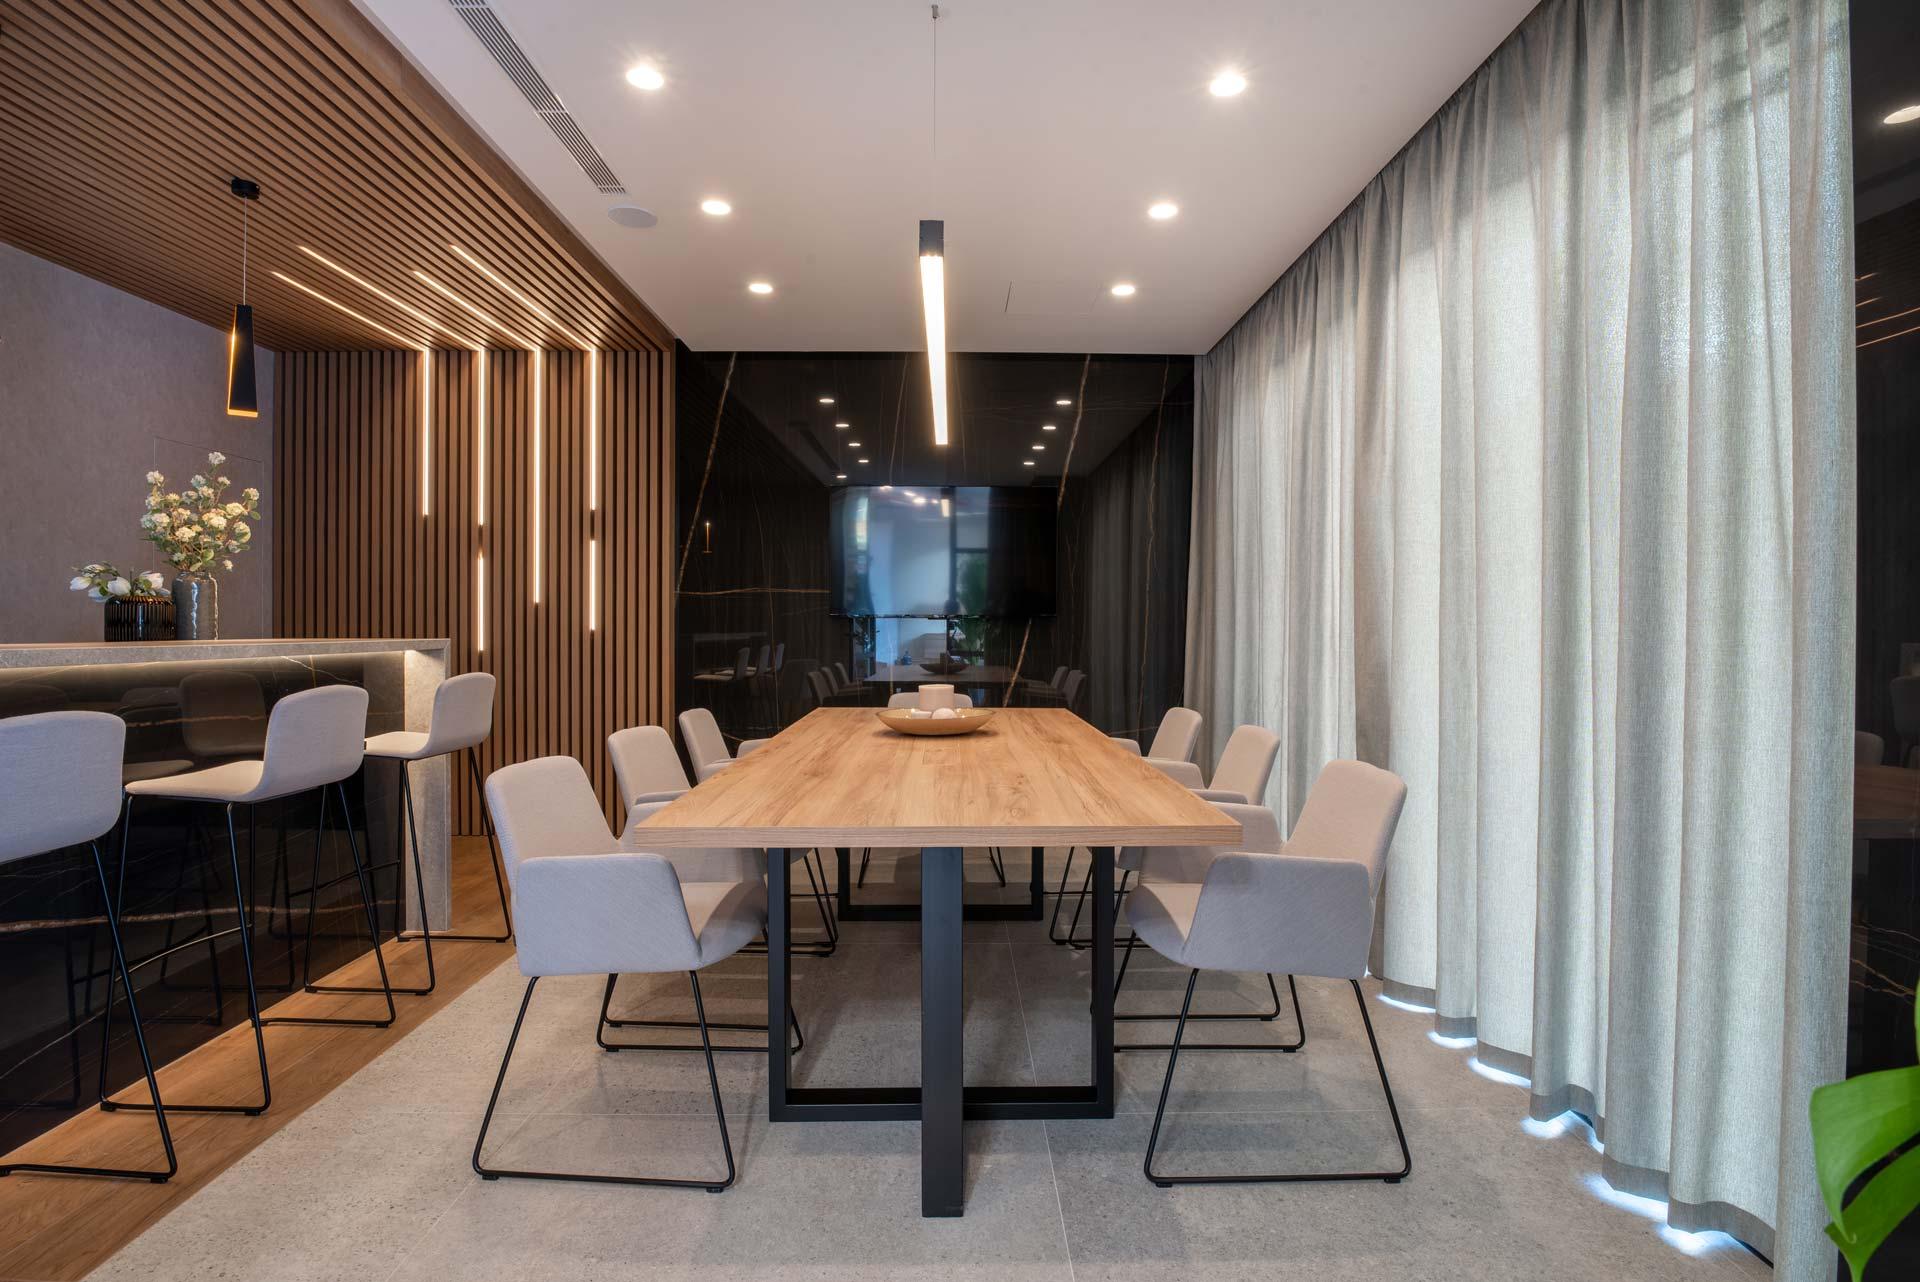 5 Behind Interiorismo oficinas alicante